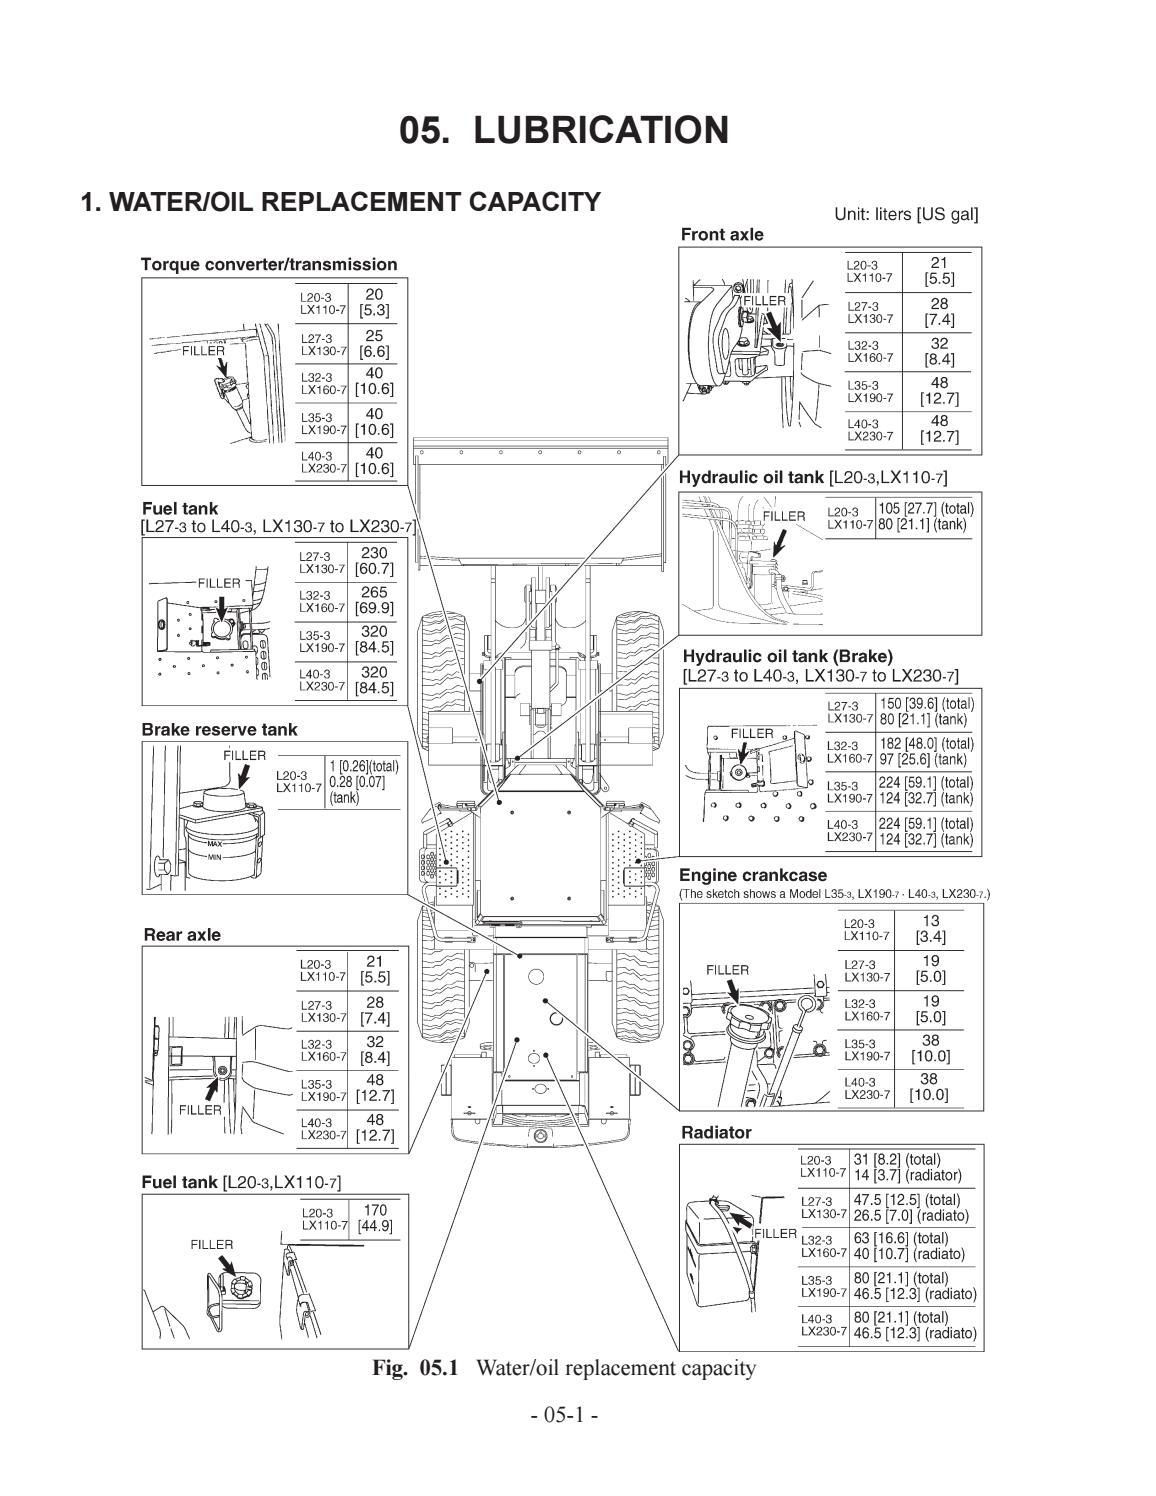 Hitachi LX110-7 LX130-7 LX160-7 LX190-7 LX230-7 Wheel Loader Workshop Manual - PDF DOWNLOAD page 22